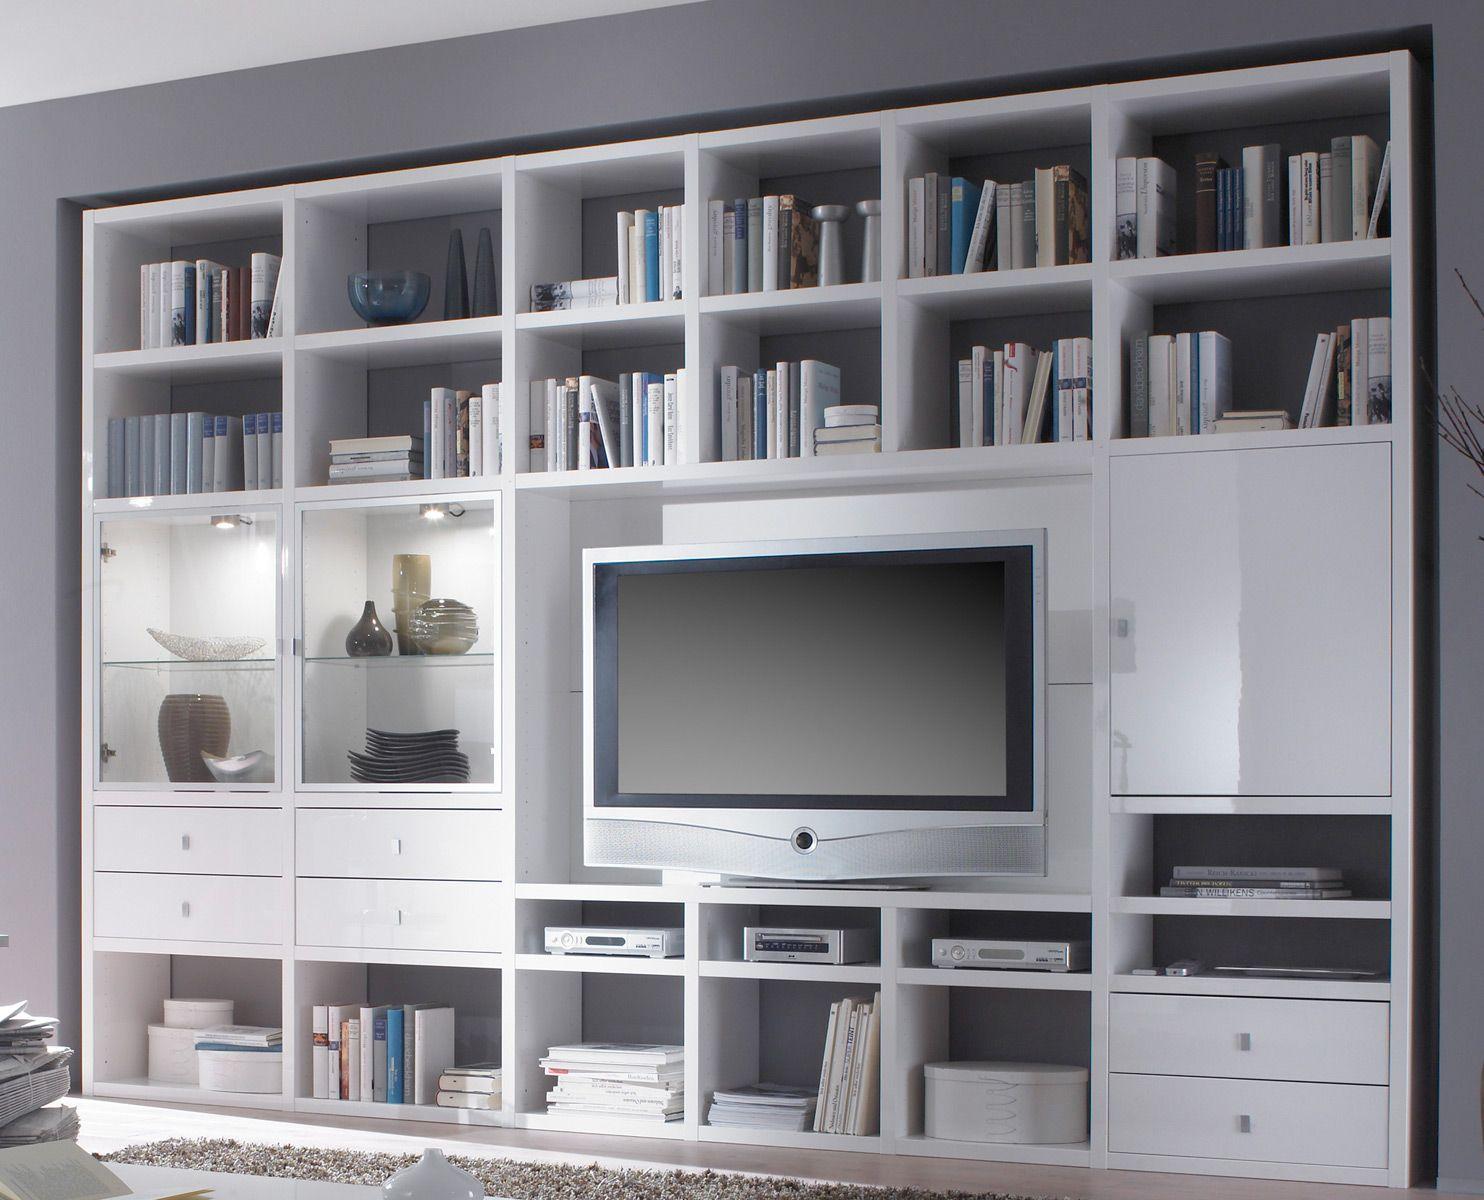 bücherregal wohnwand - Google-Suche  home  Pinterest  Room